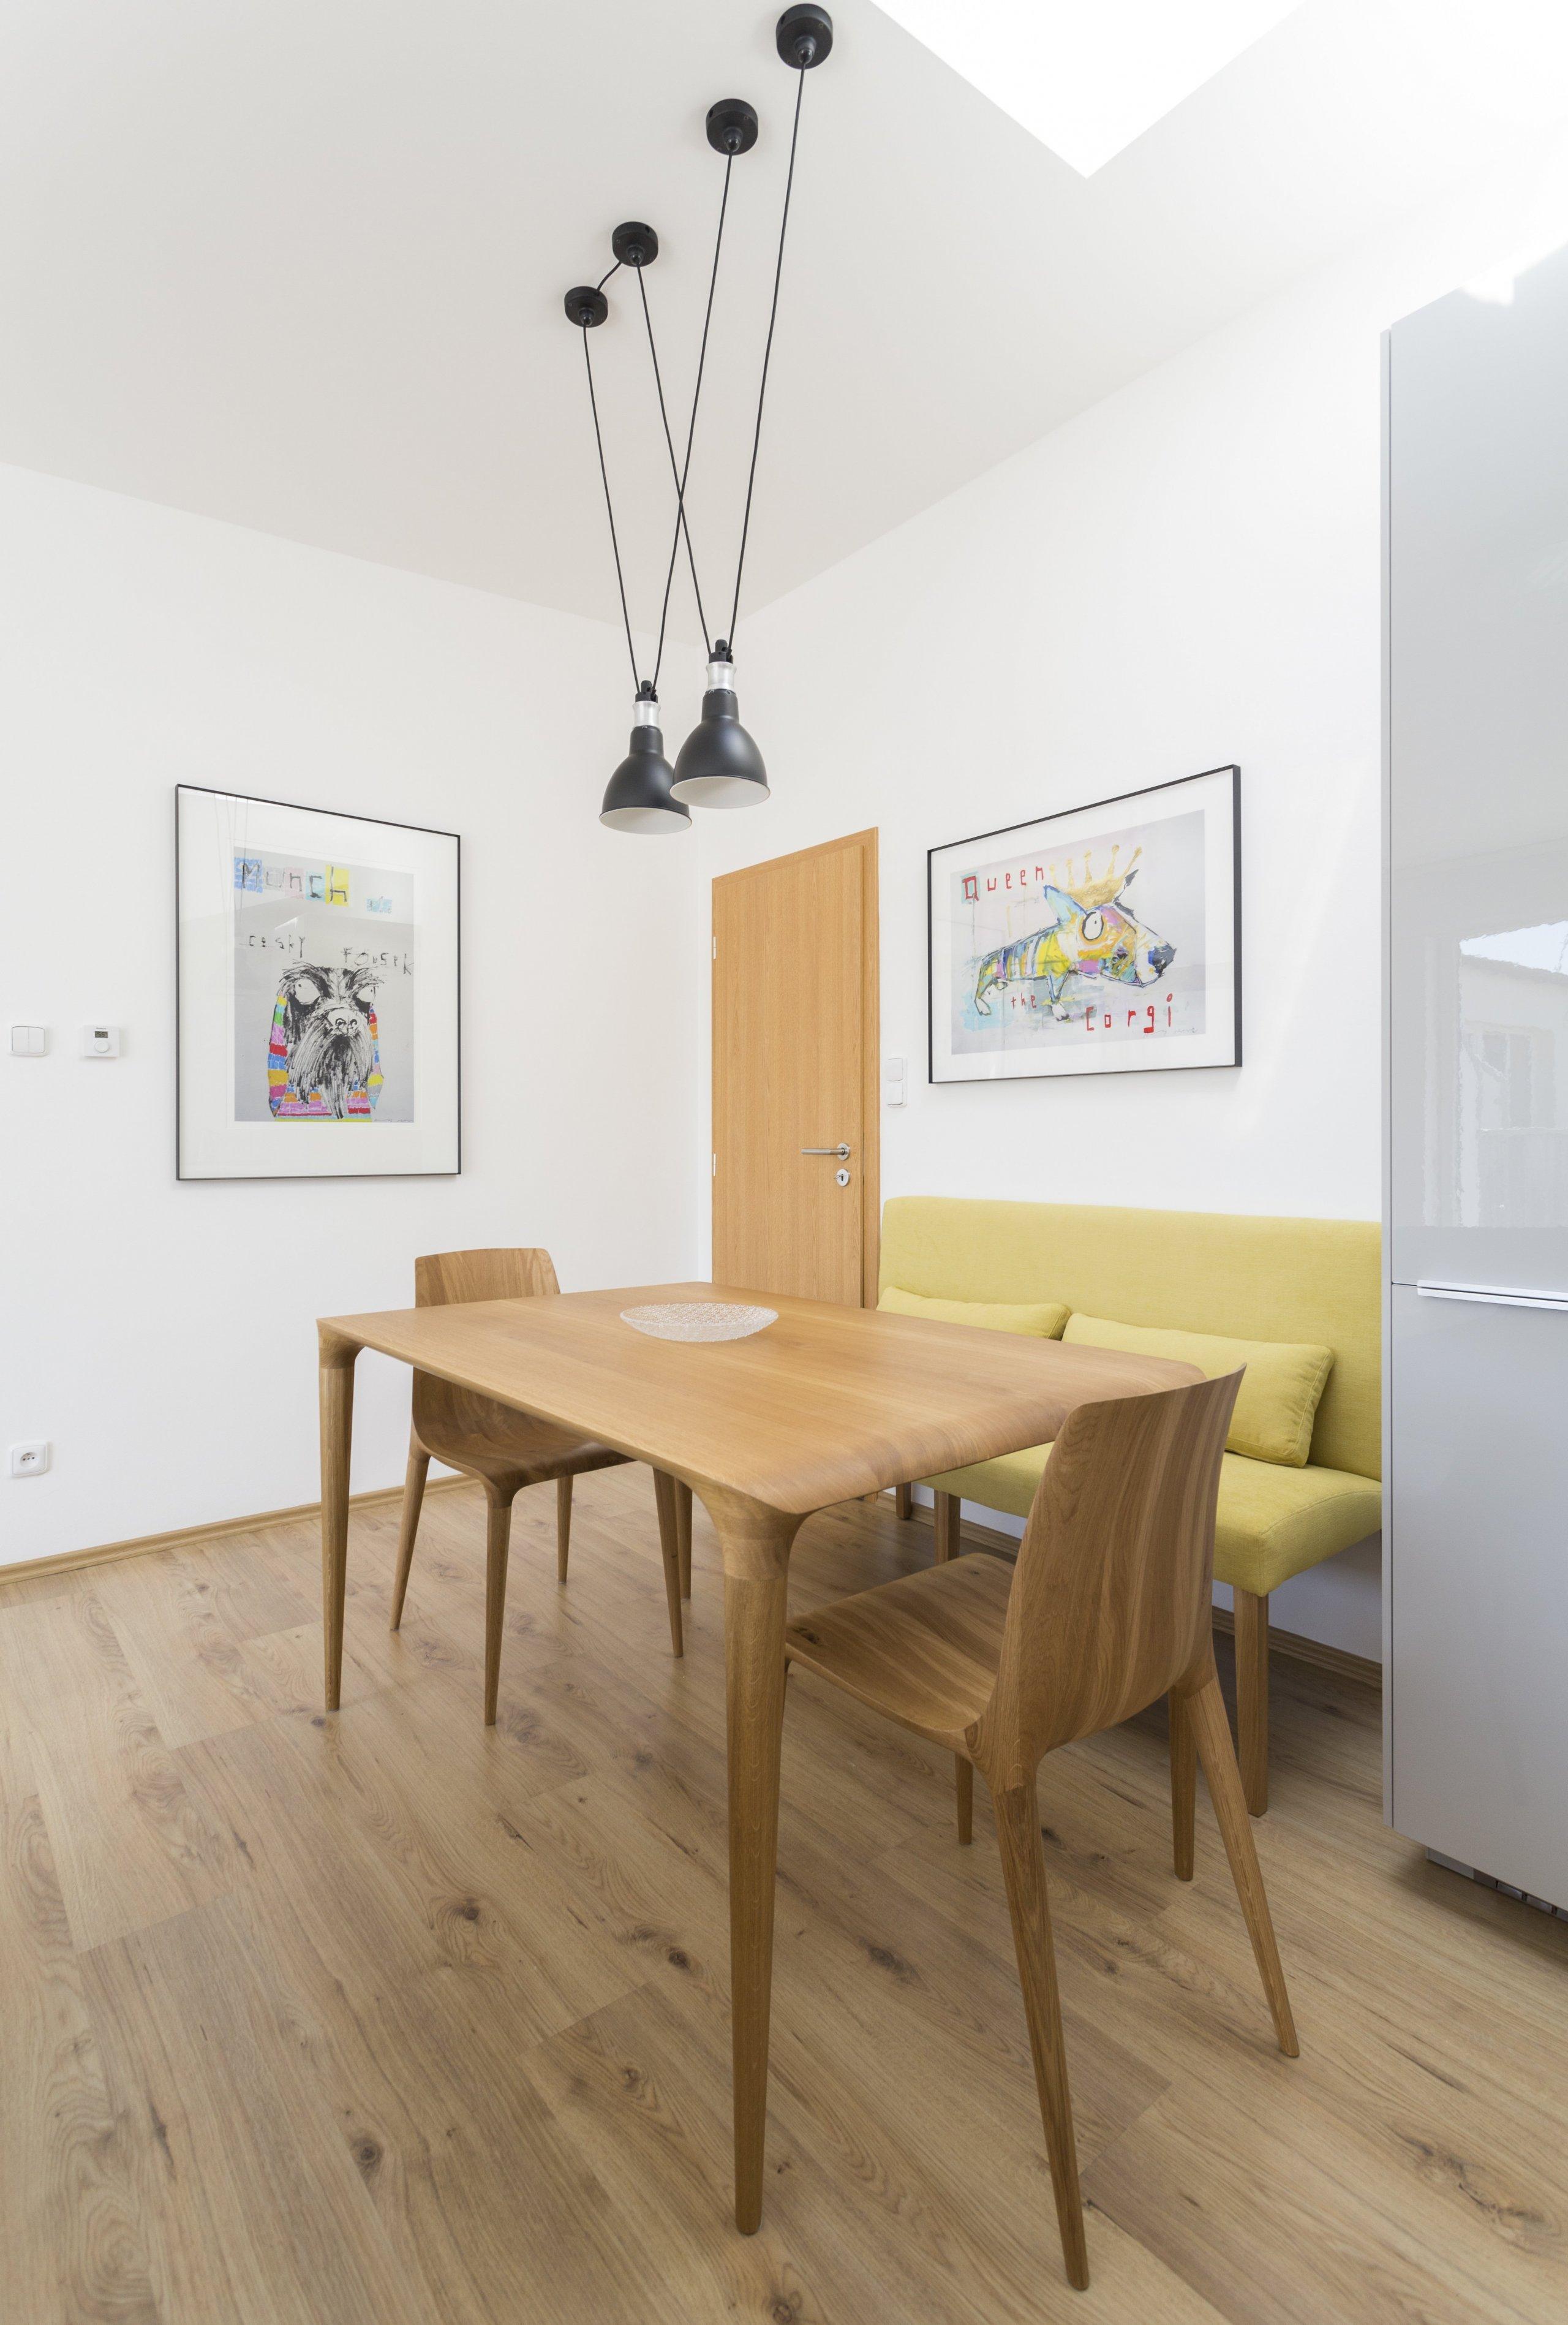 Návrh bytu 2kk nedaleko pražské Palmovky se nese v duchu hravosti. Výrazným prvkem jsou ilustrované portréty psů od anglického autora Andyho Shawa. Svěží…